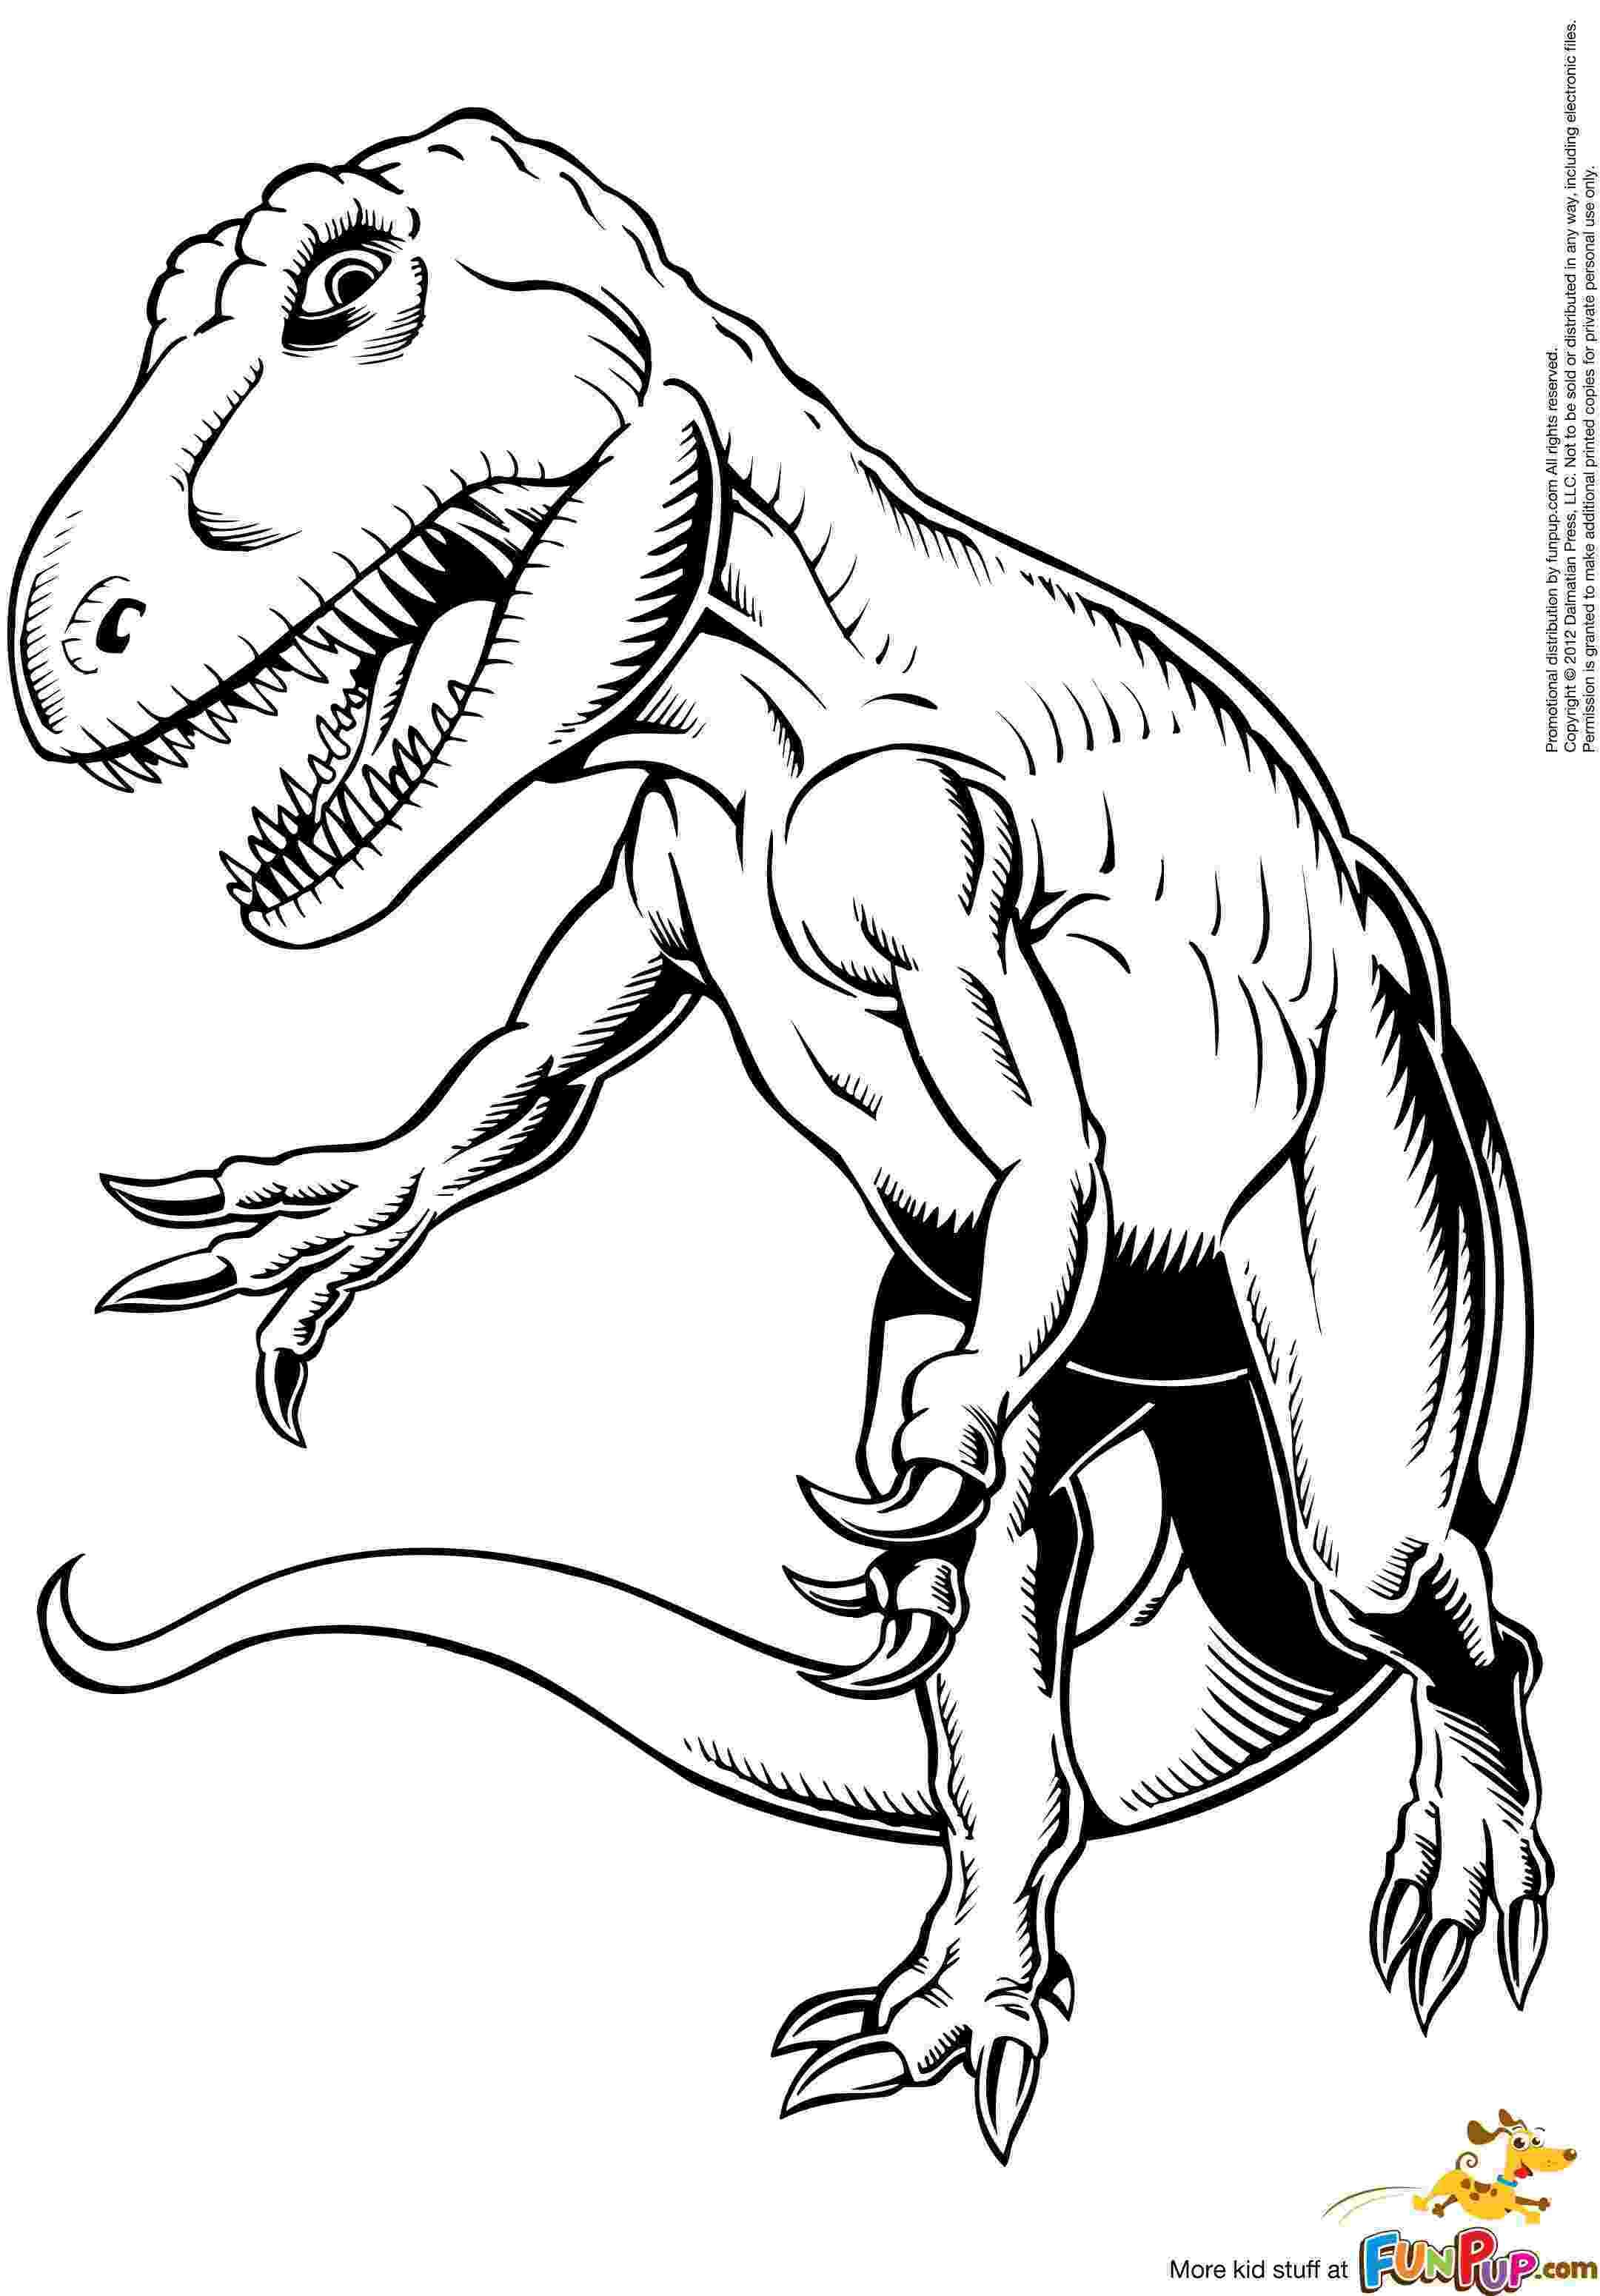 t rex colour print download dinosaur t rex coloring pages for kids t colour rex